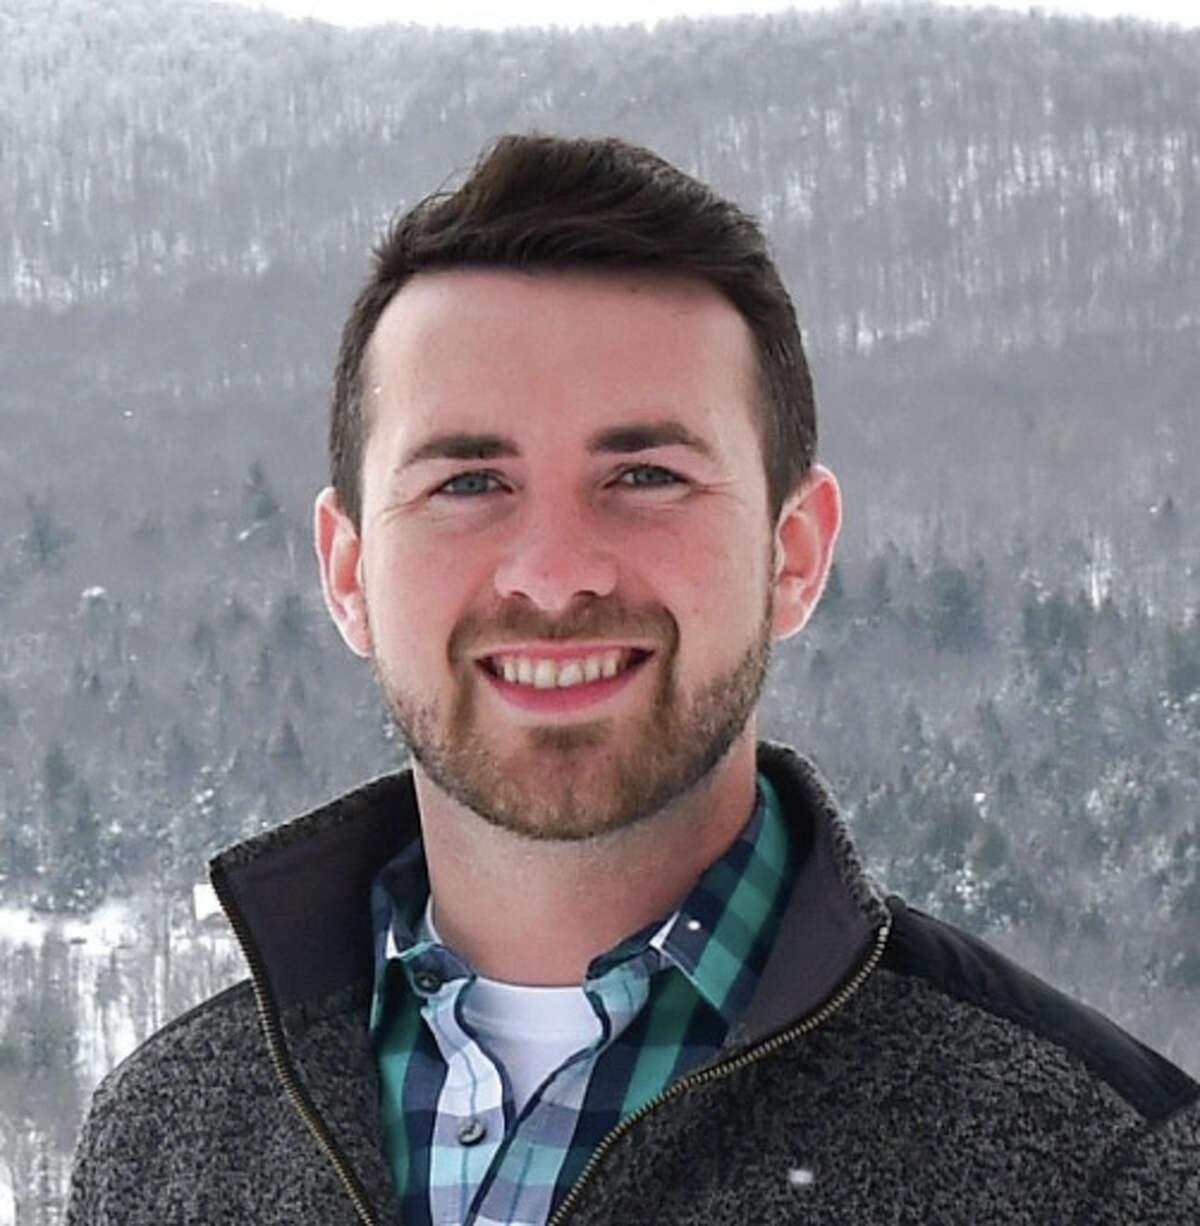 Democrat Aidan O'Connor (Provided)